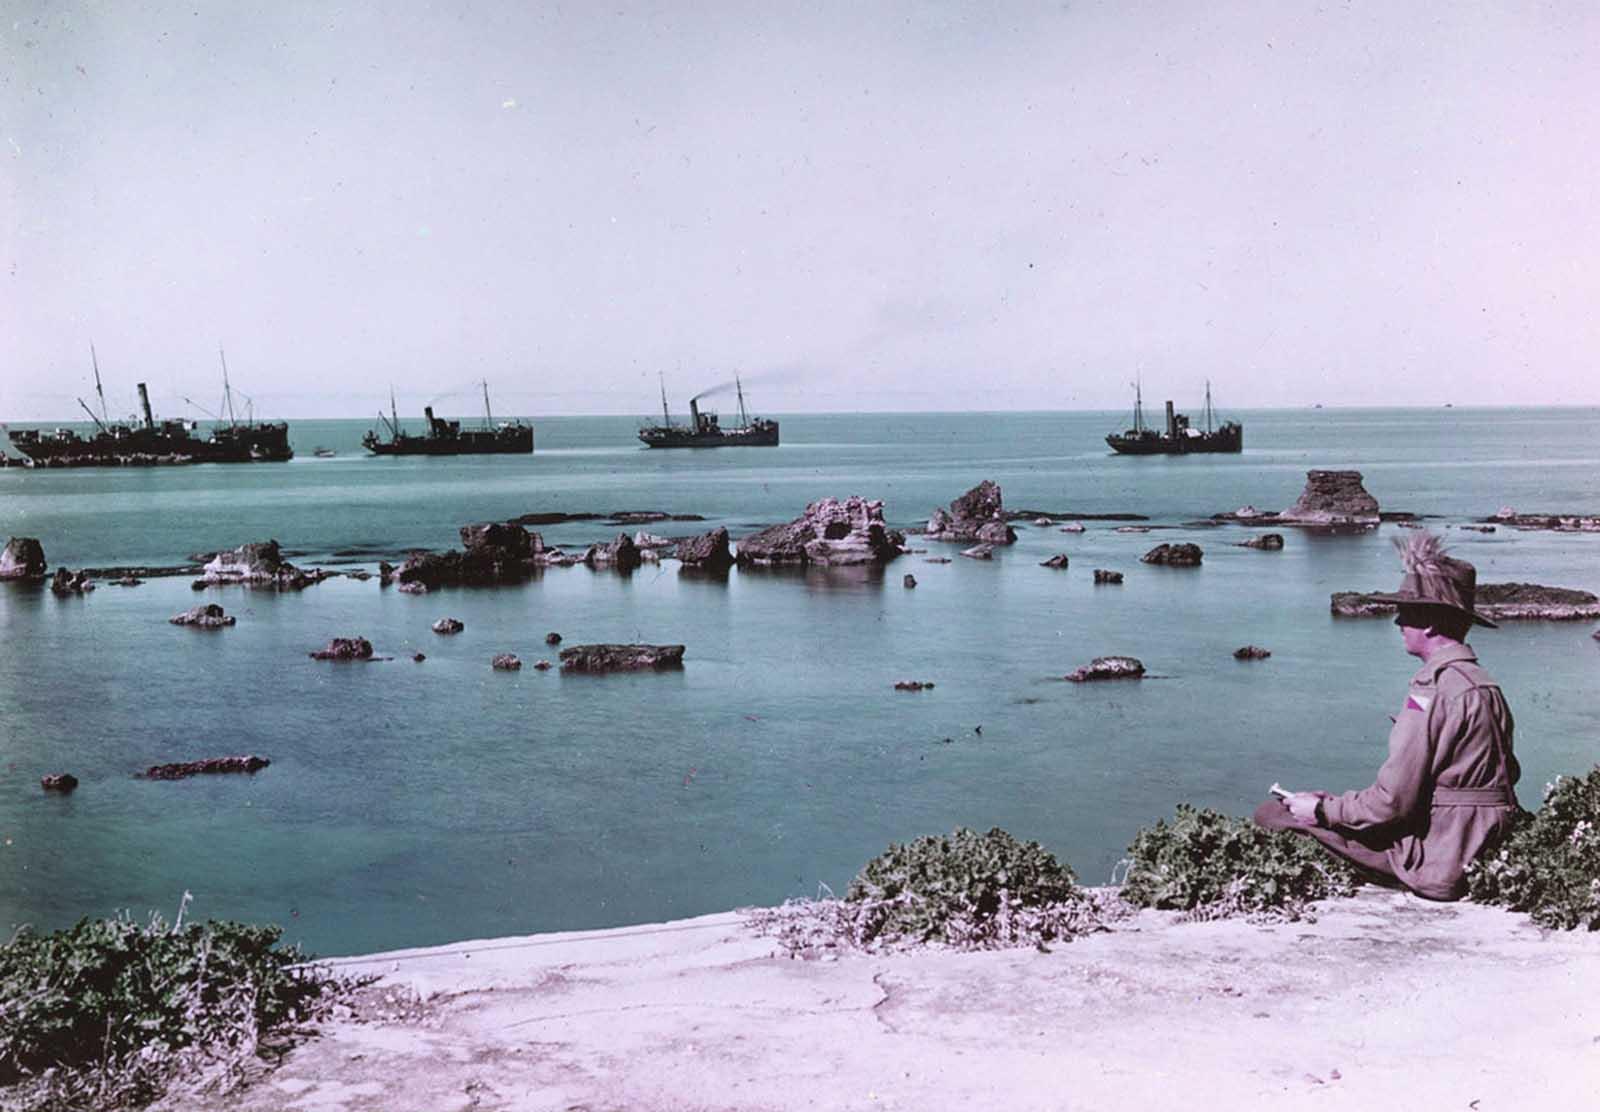 Las rocas de Andrómeda, Jaffa y los transportes cargados de suministros de guerra se dirigieron al mar en 1918. Esta imagen se tomó mediante el proceso de Paget, un experimento inicial en fotografía en color.